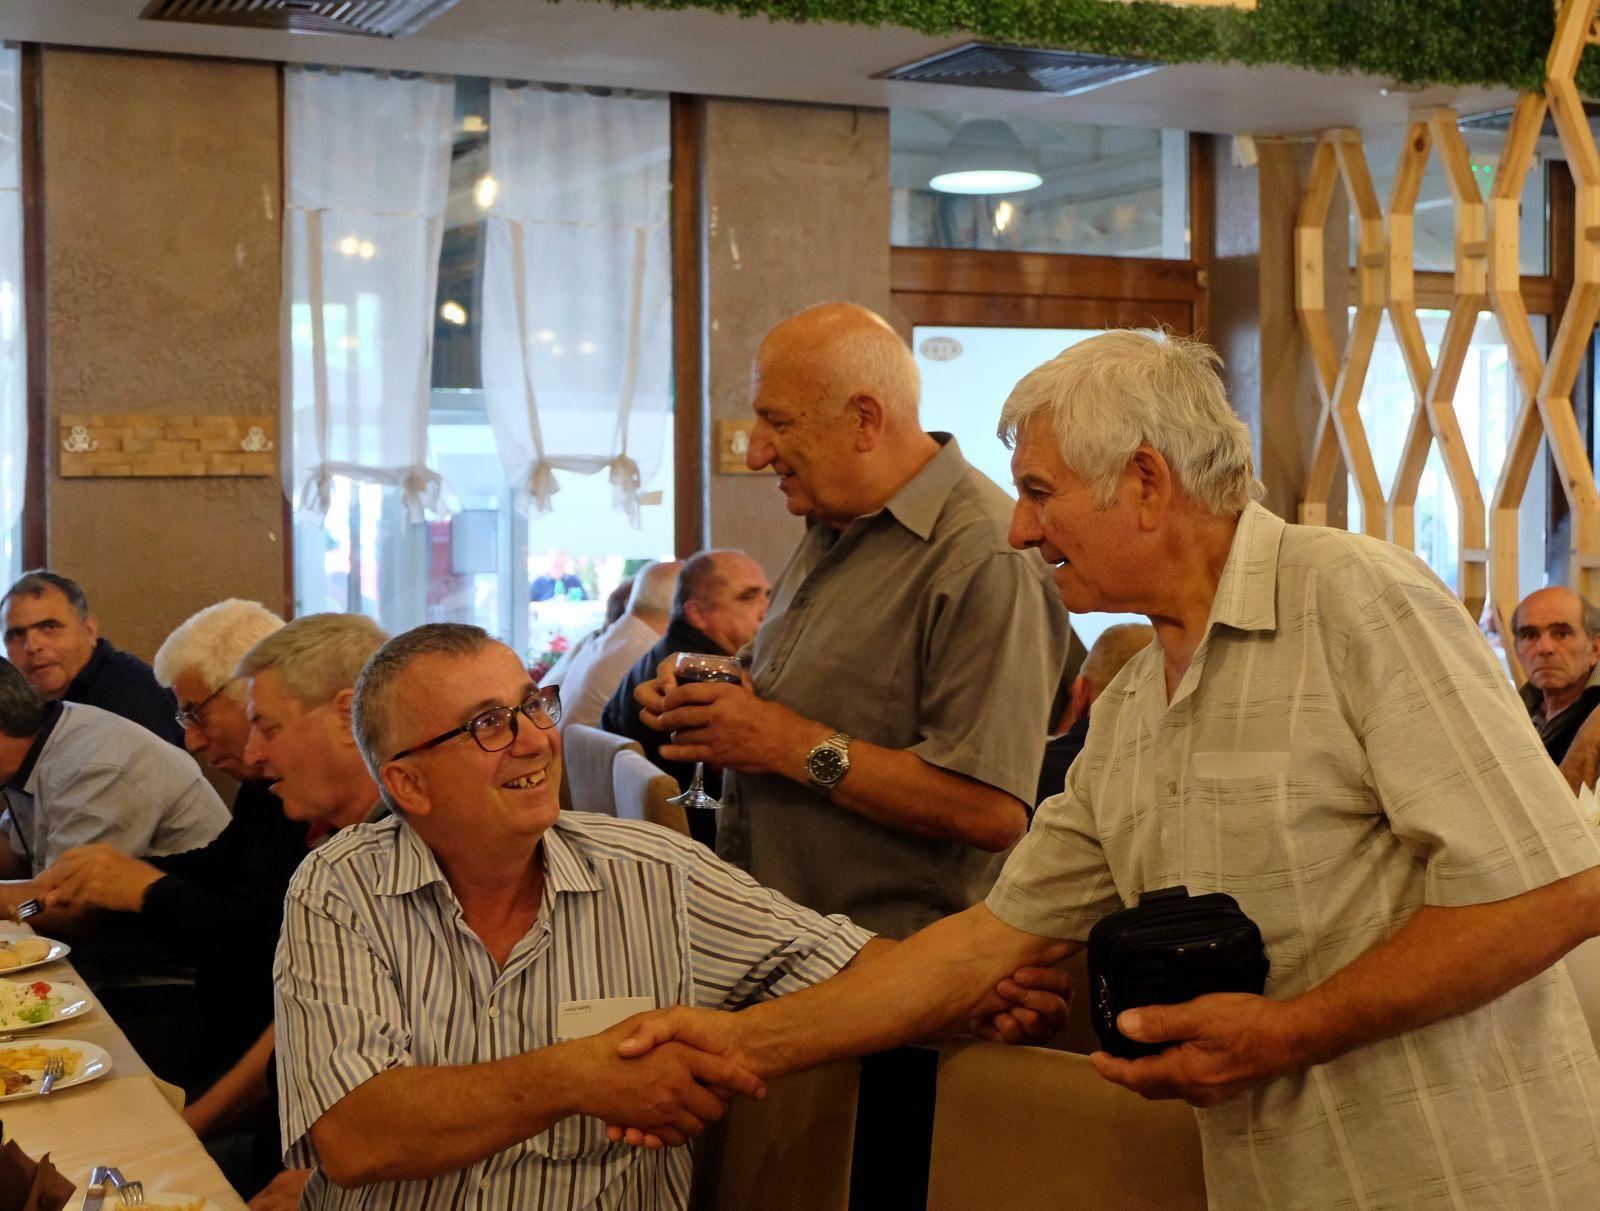 """""""Службата и дружбата"""": Среща на ветерани от ИТС от  Авиобаза Графигнатиево по случай 70-годишнината от основаването й (фотогалерия-2 част)"""